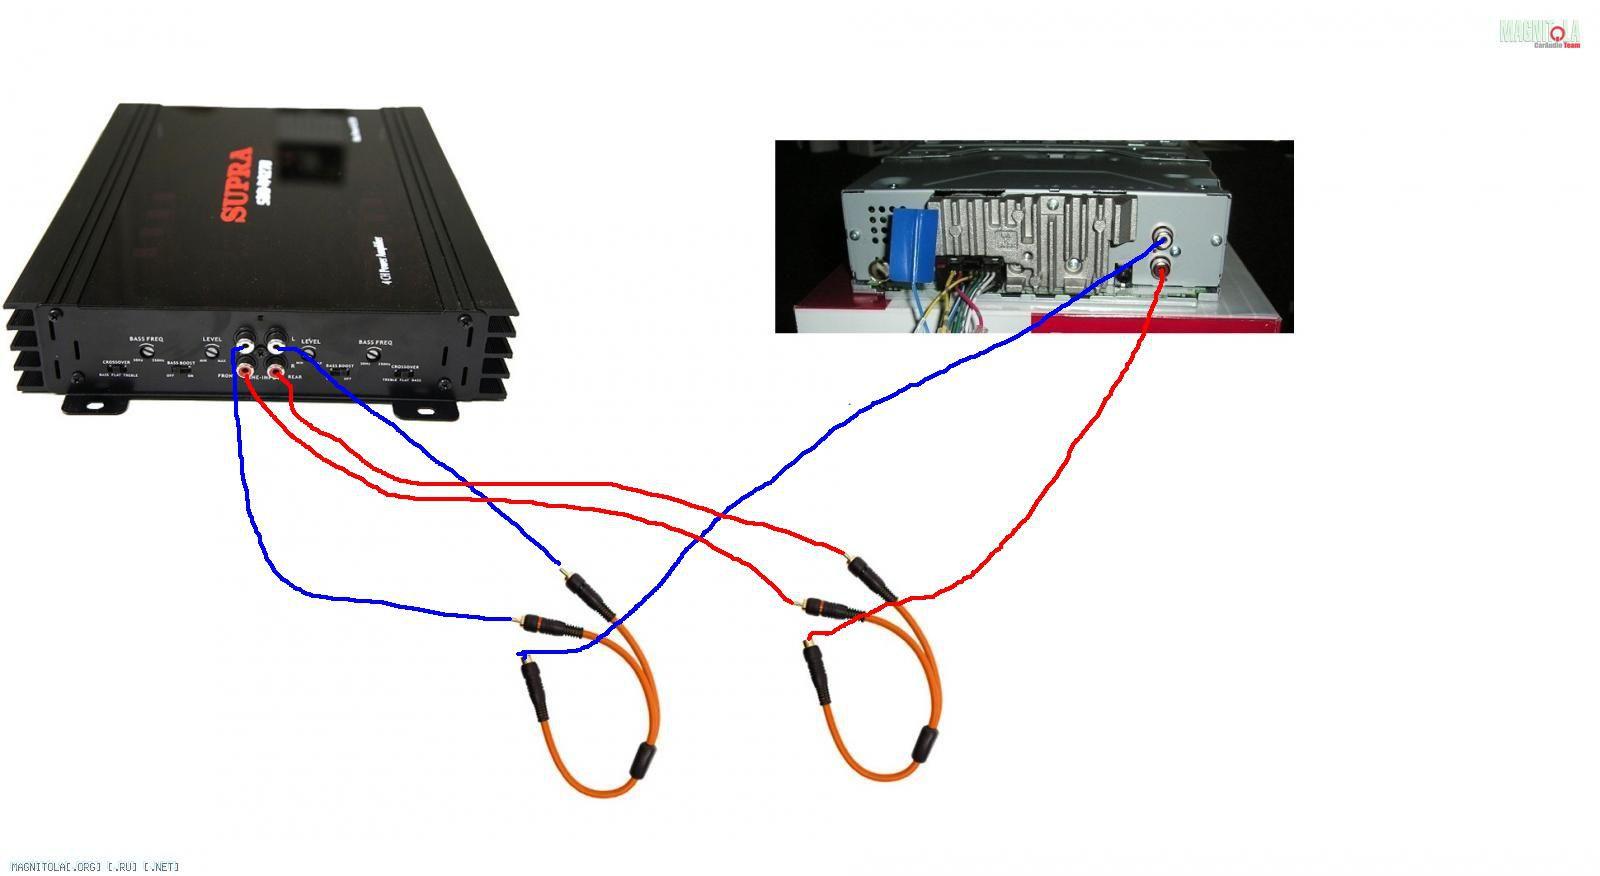 Схема подключения усилителя и сабвуфера к магнитоле